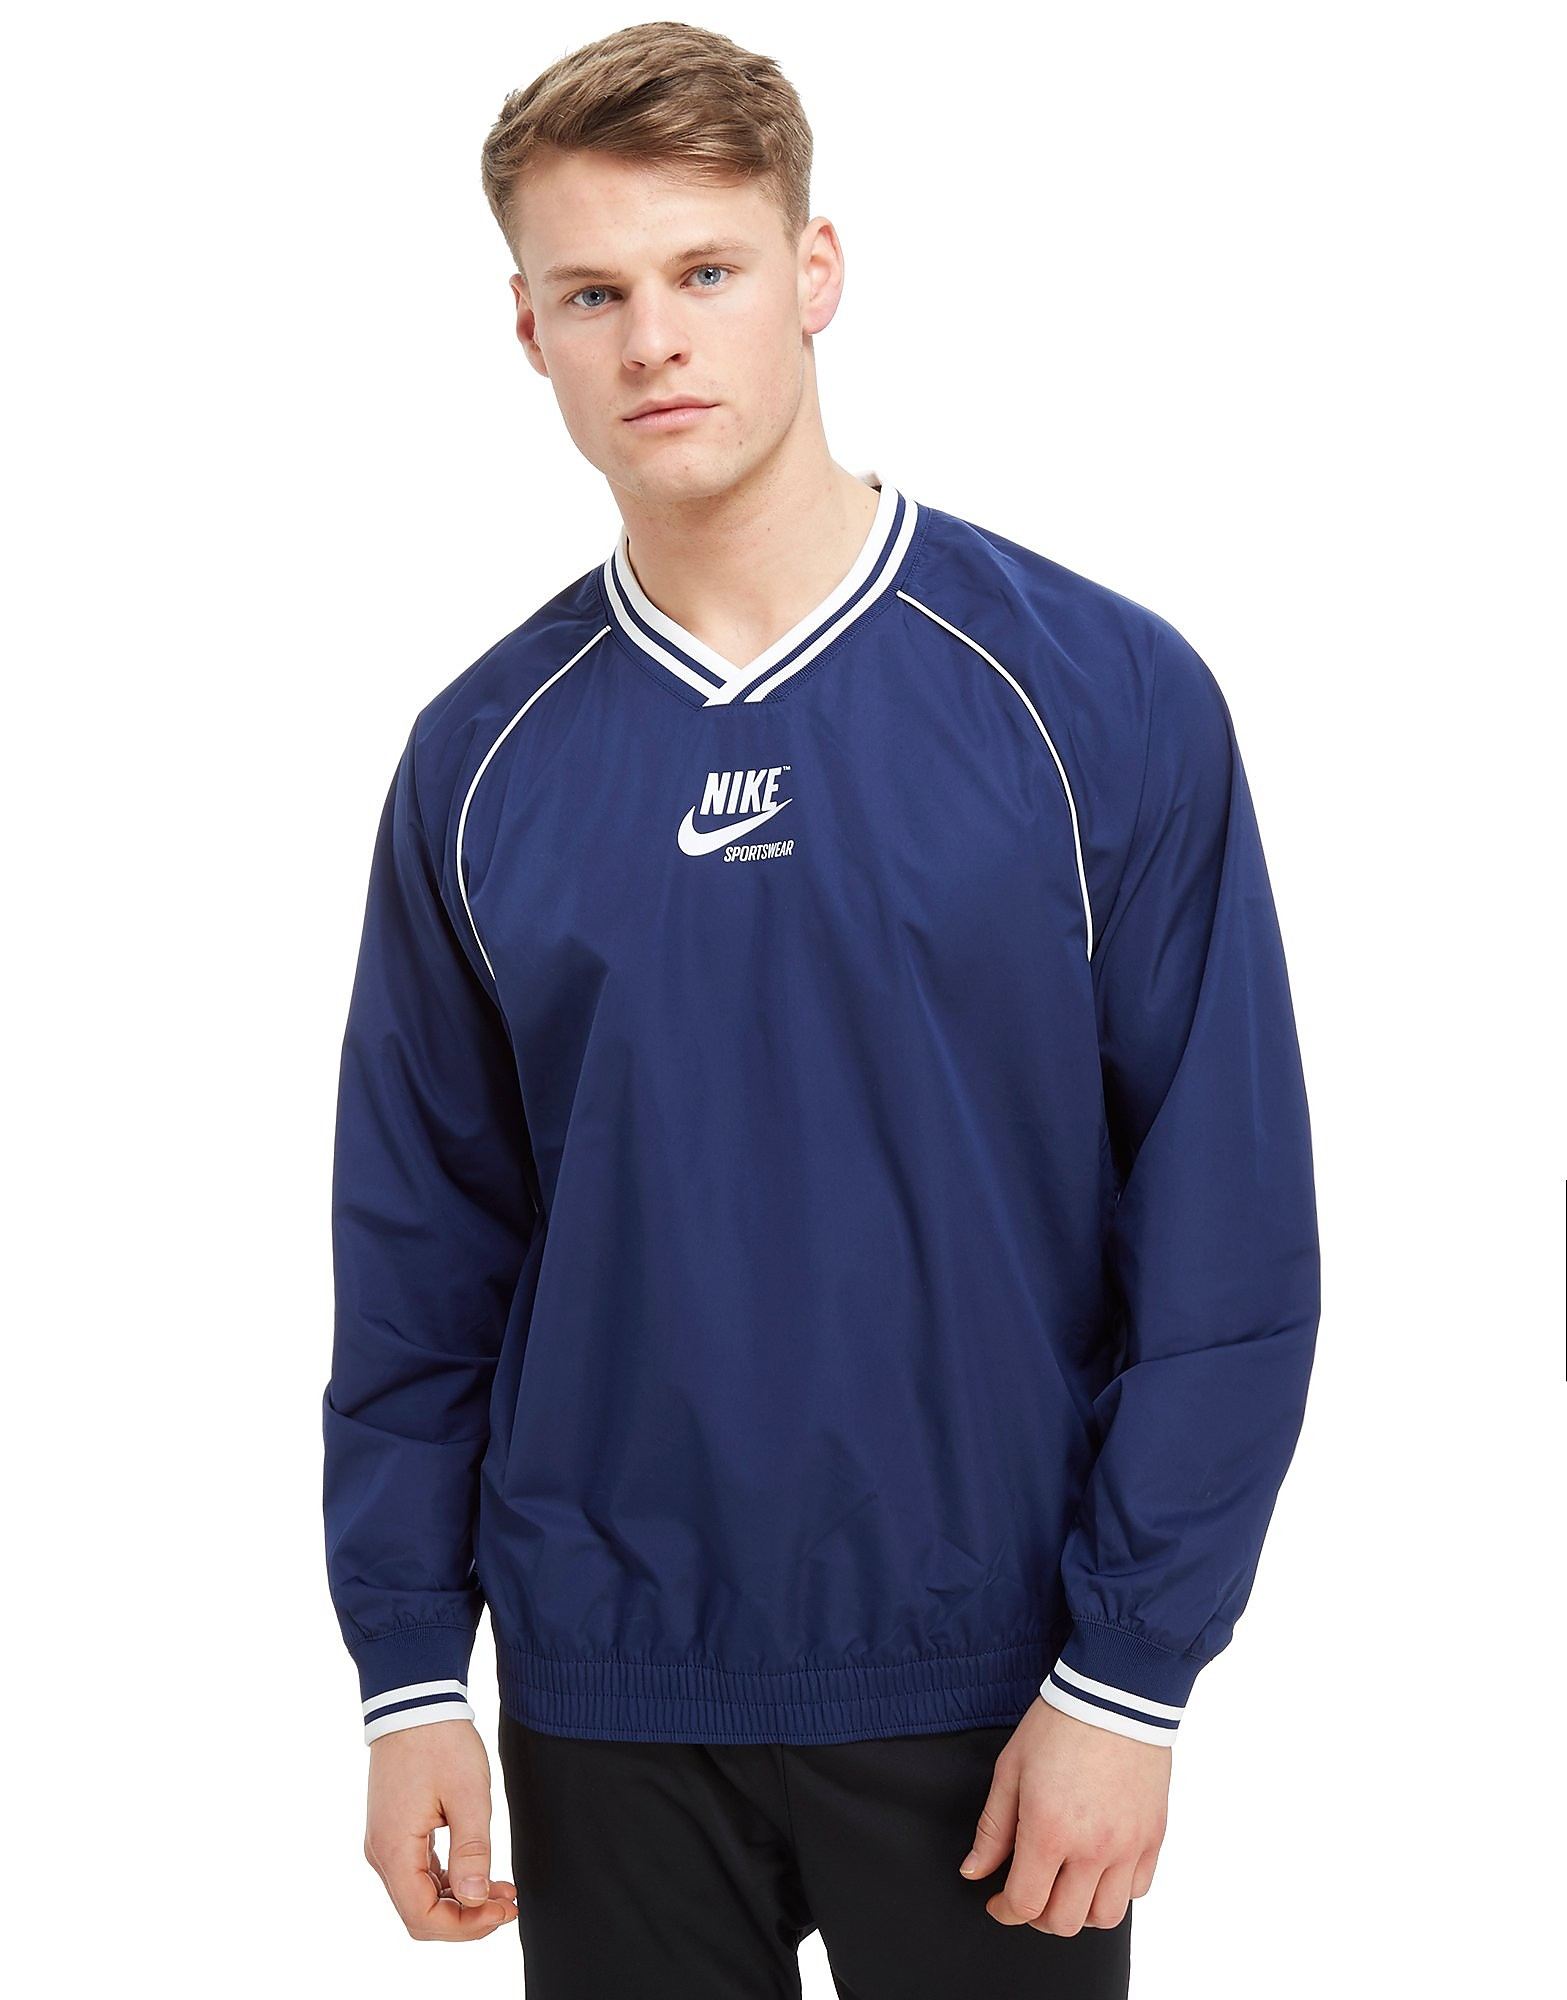 Nike Archive Crew Sweatshirt